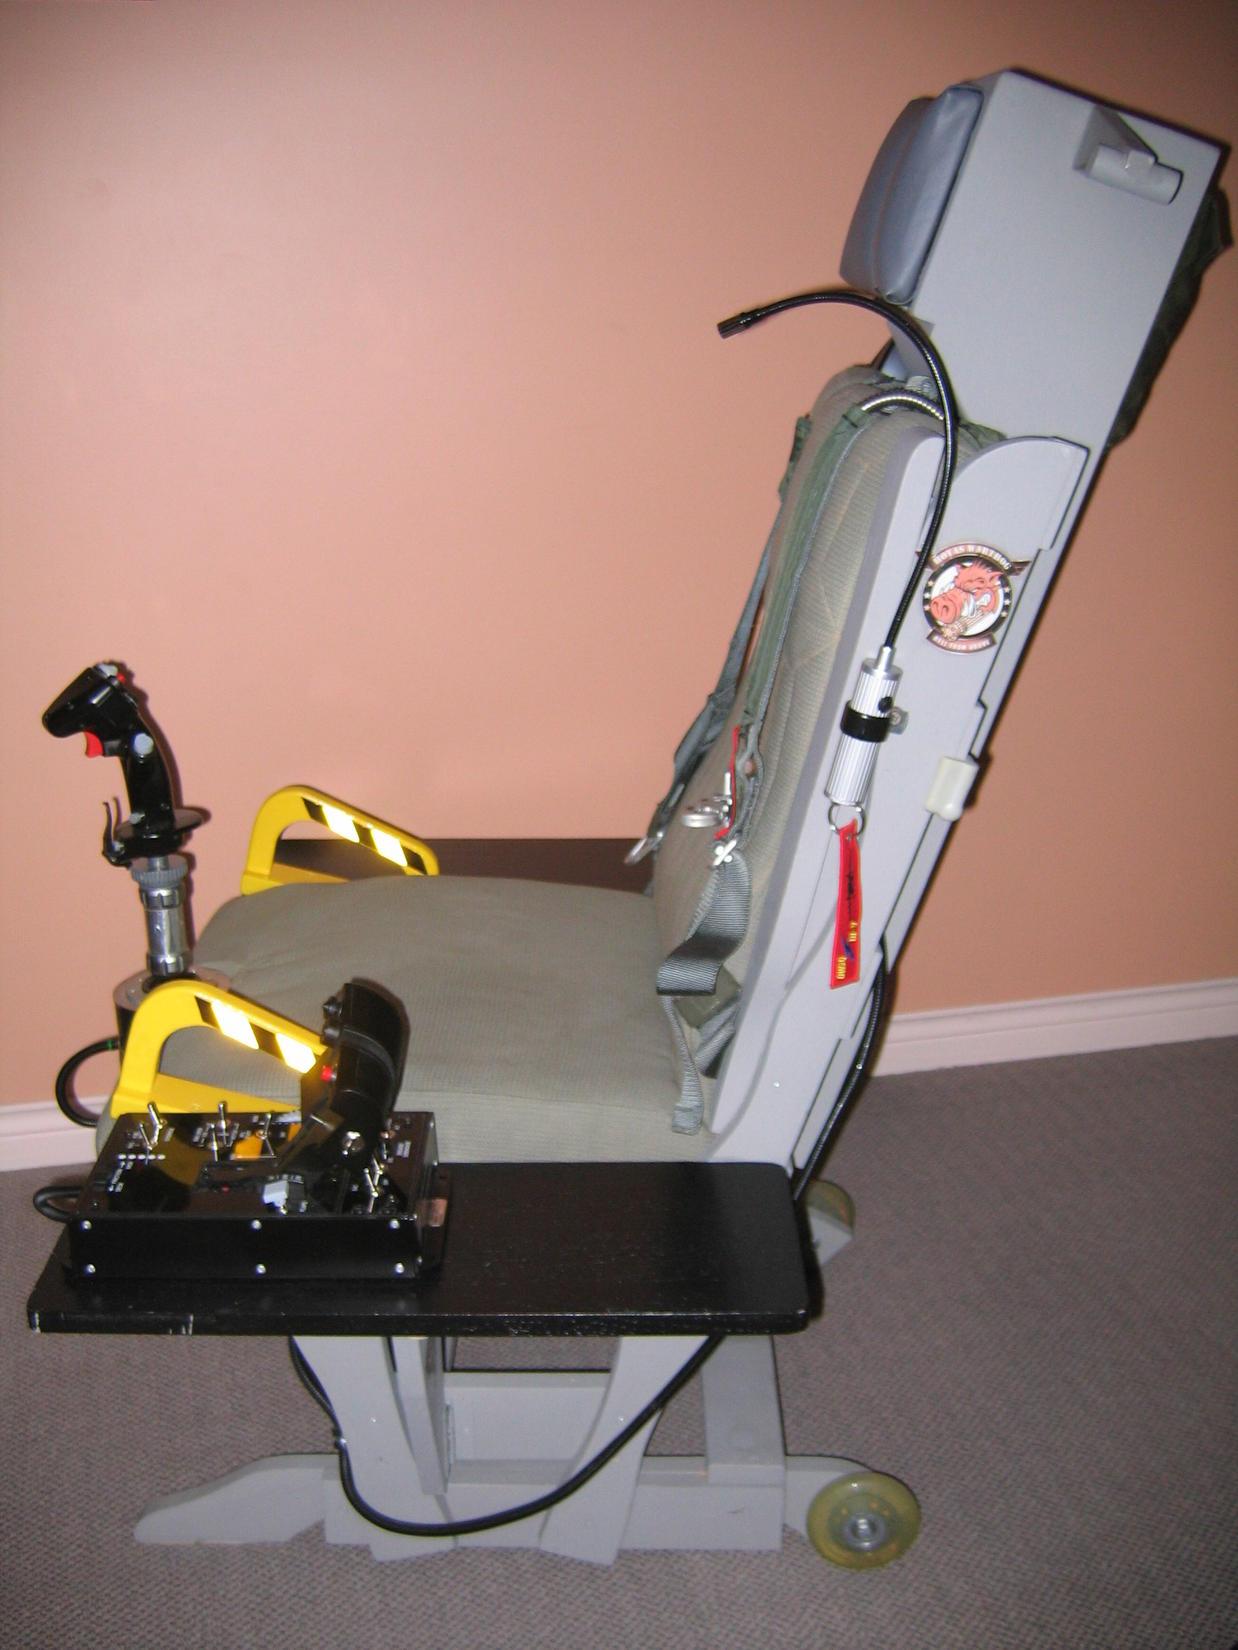 TM Warthog Glider Rocker Sim Seat Mod - SimHQ Forums